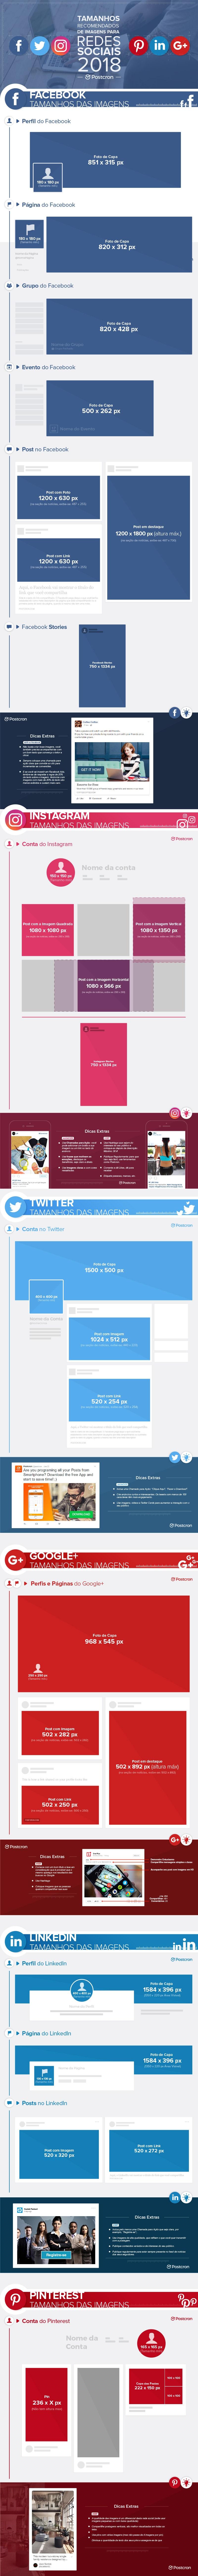 social-media-sizes_pt